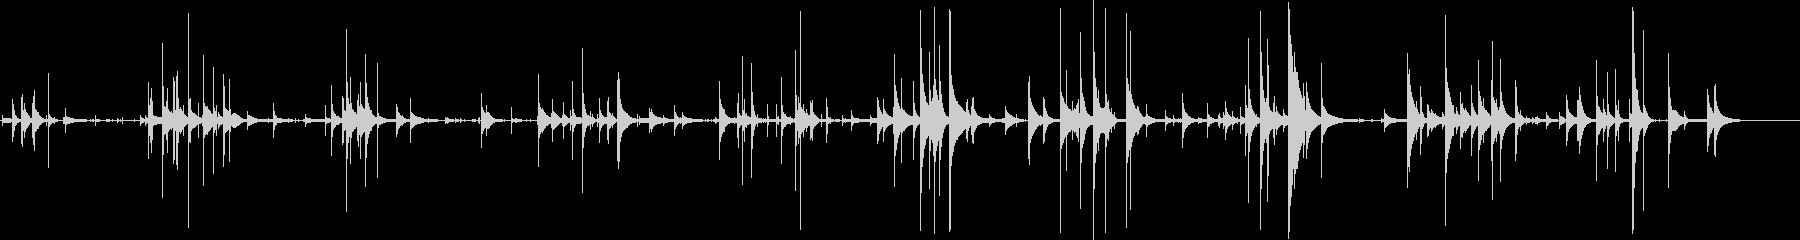 アイスドロップカップ旋回の未再生の波形